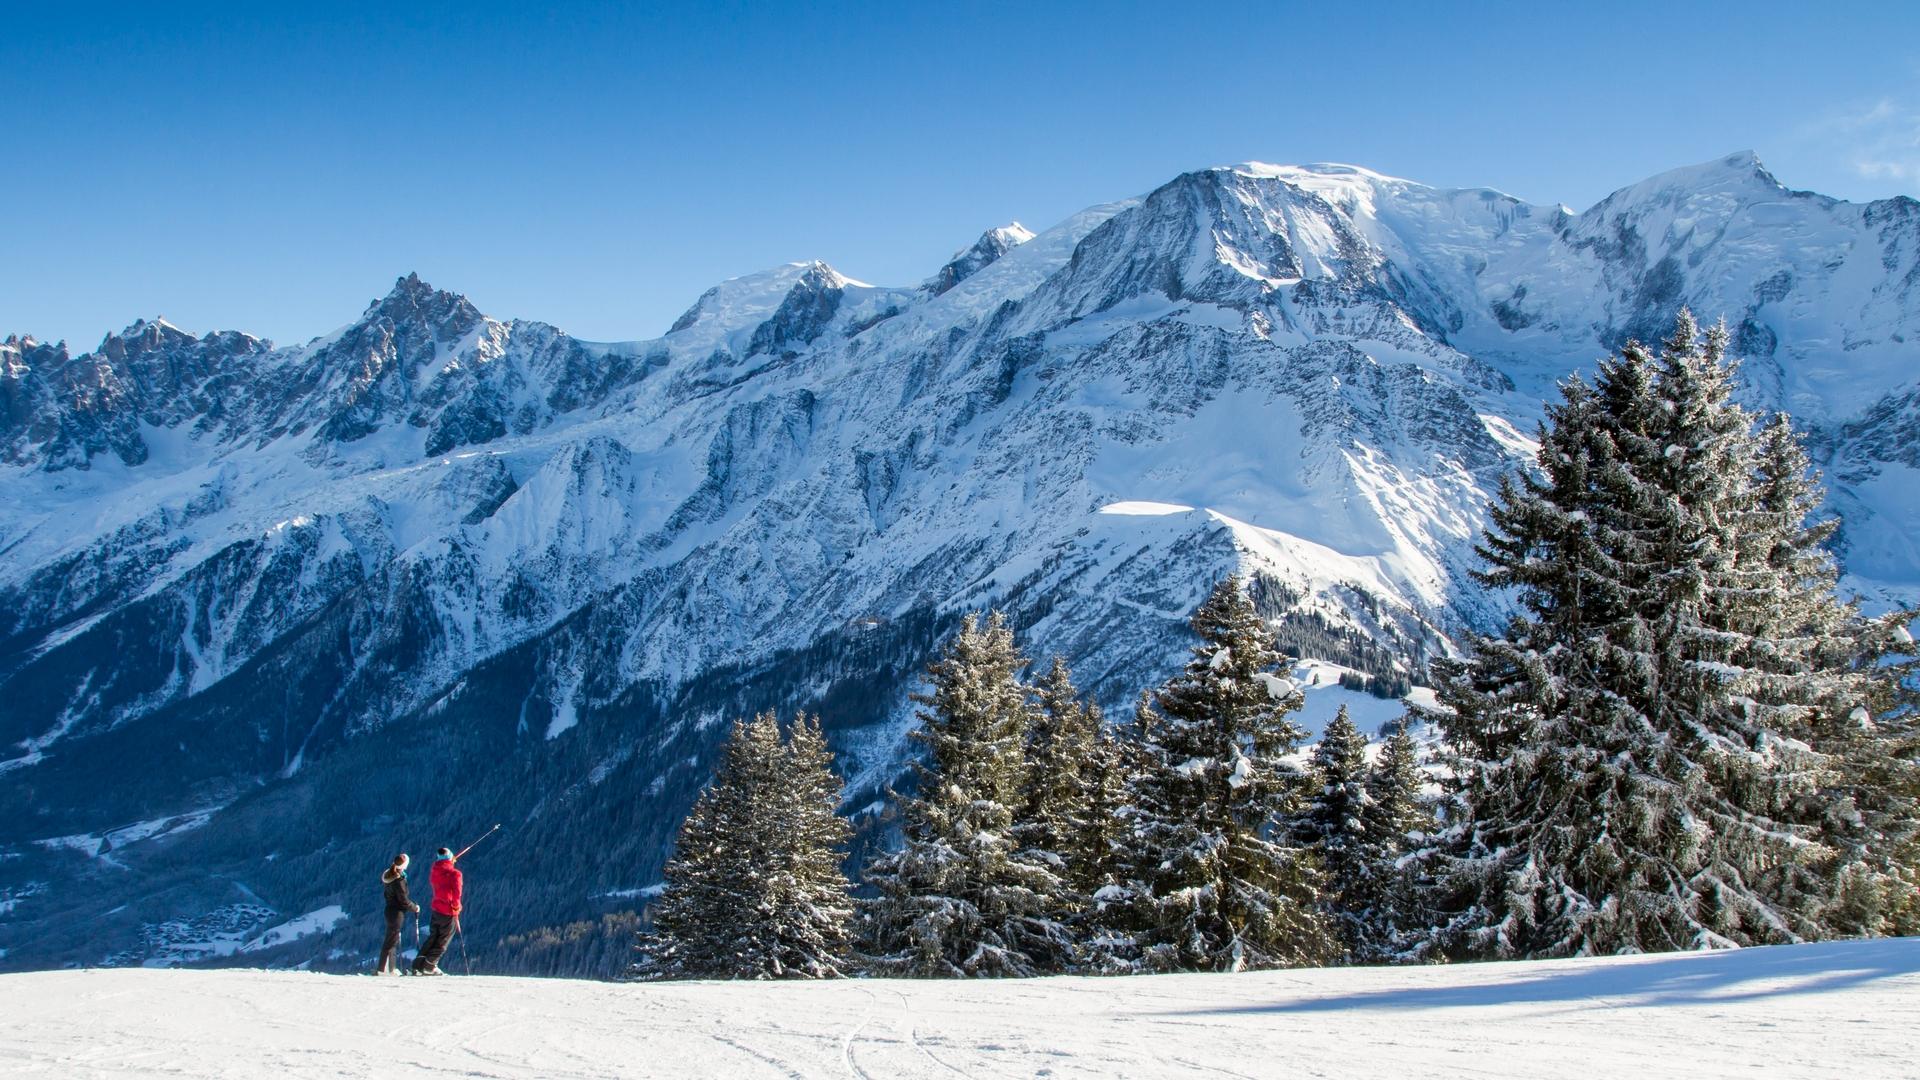 Les Houches Ski